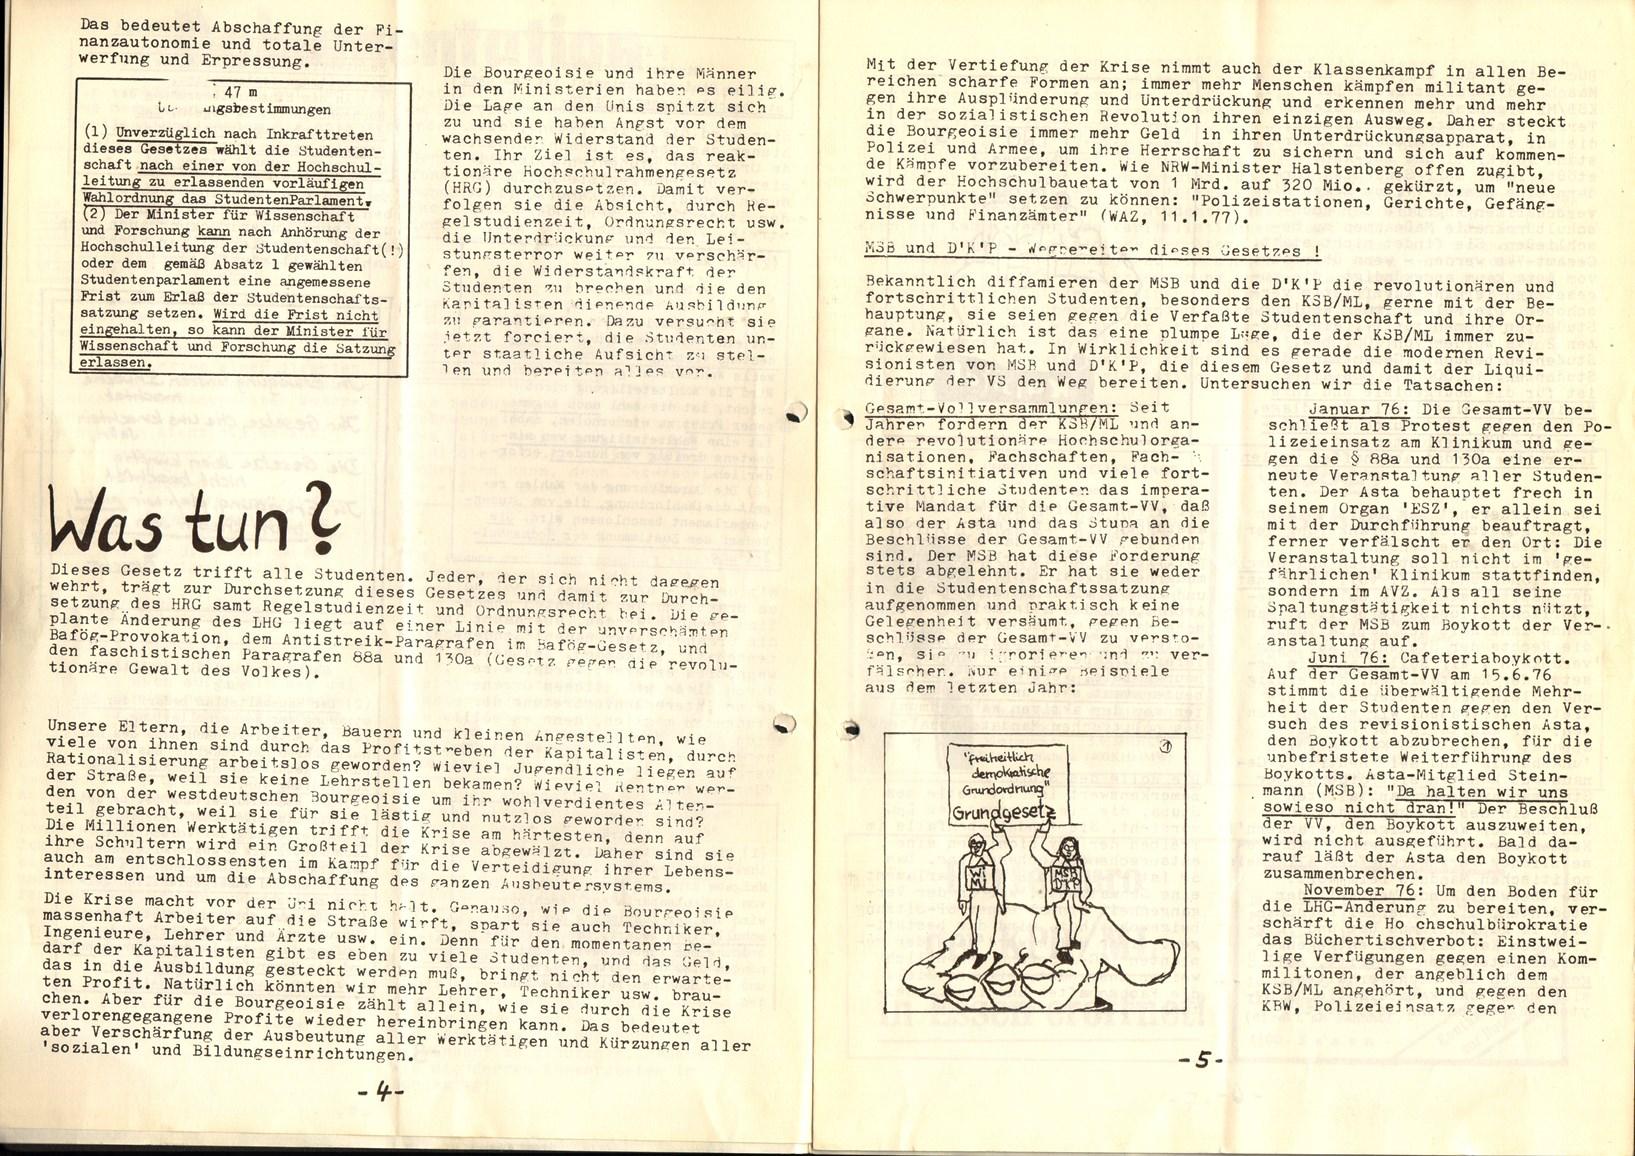 Essen_KSBML_Rote_Studenten_19770100_03